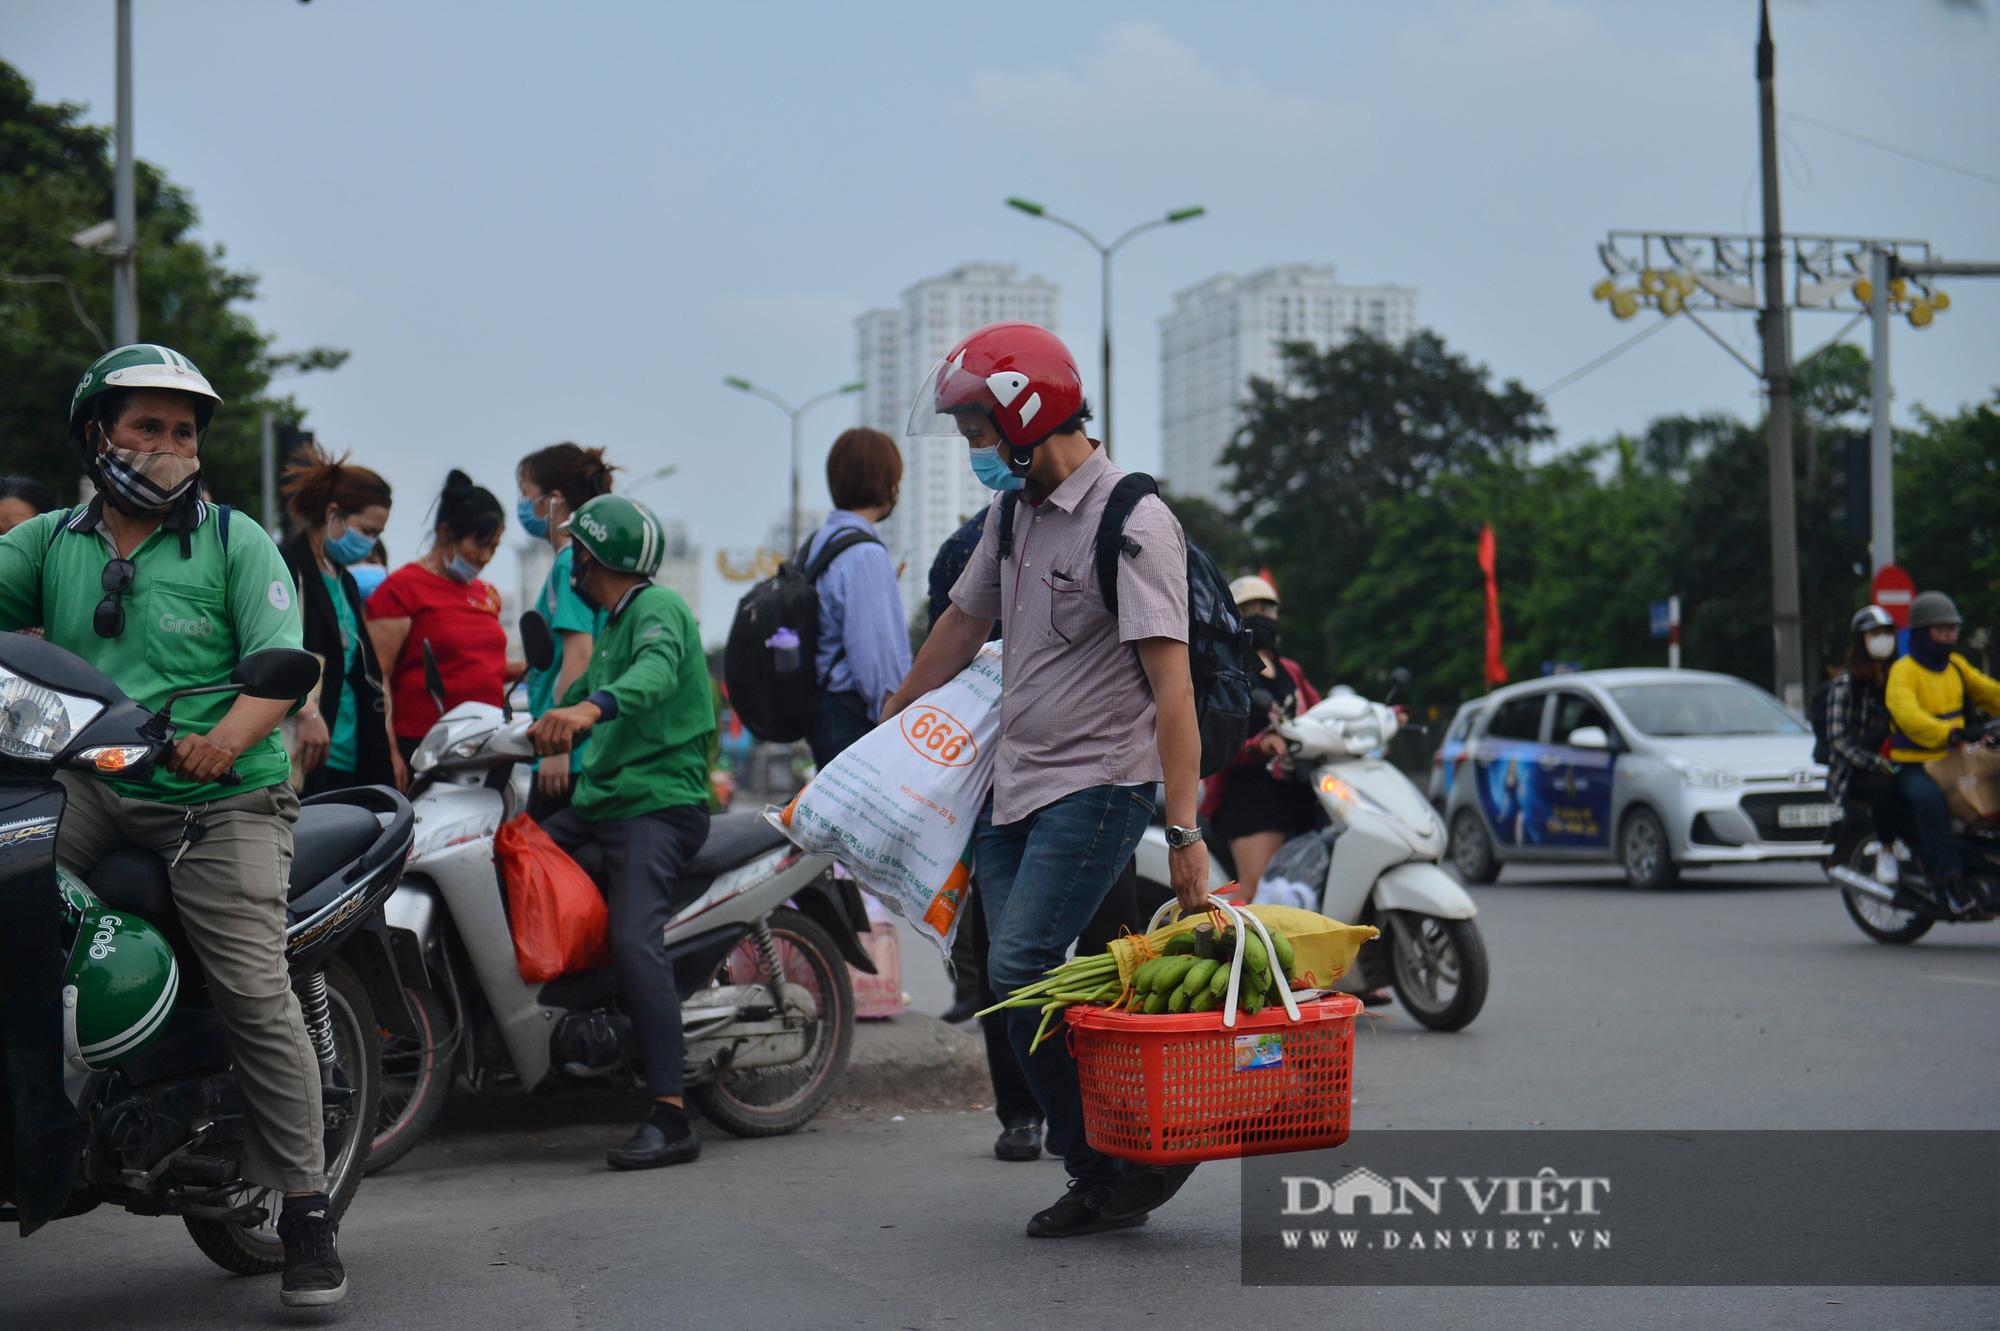 Lo sợ Covid-19 người dân 100% đeo khẩu trang tại các bến xe khi quay trở lại Hà Nội - Ảnh 12.